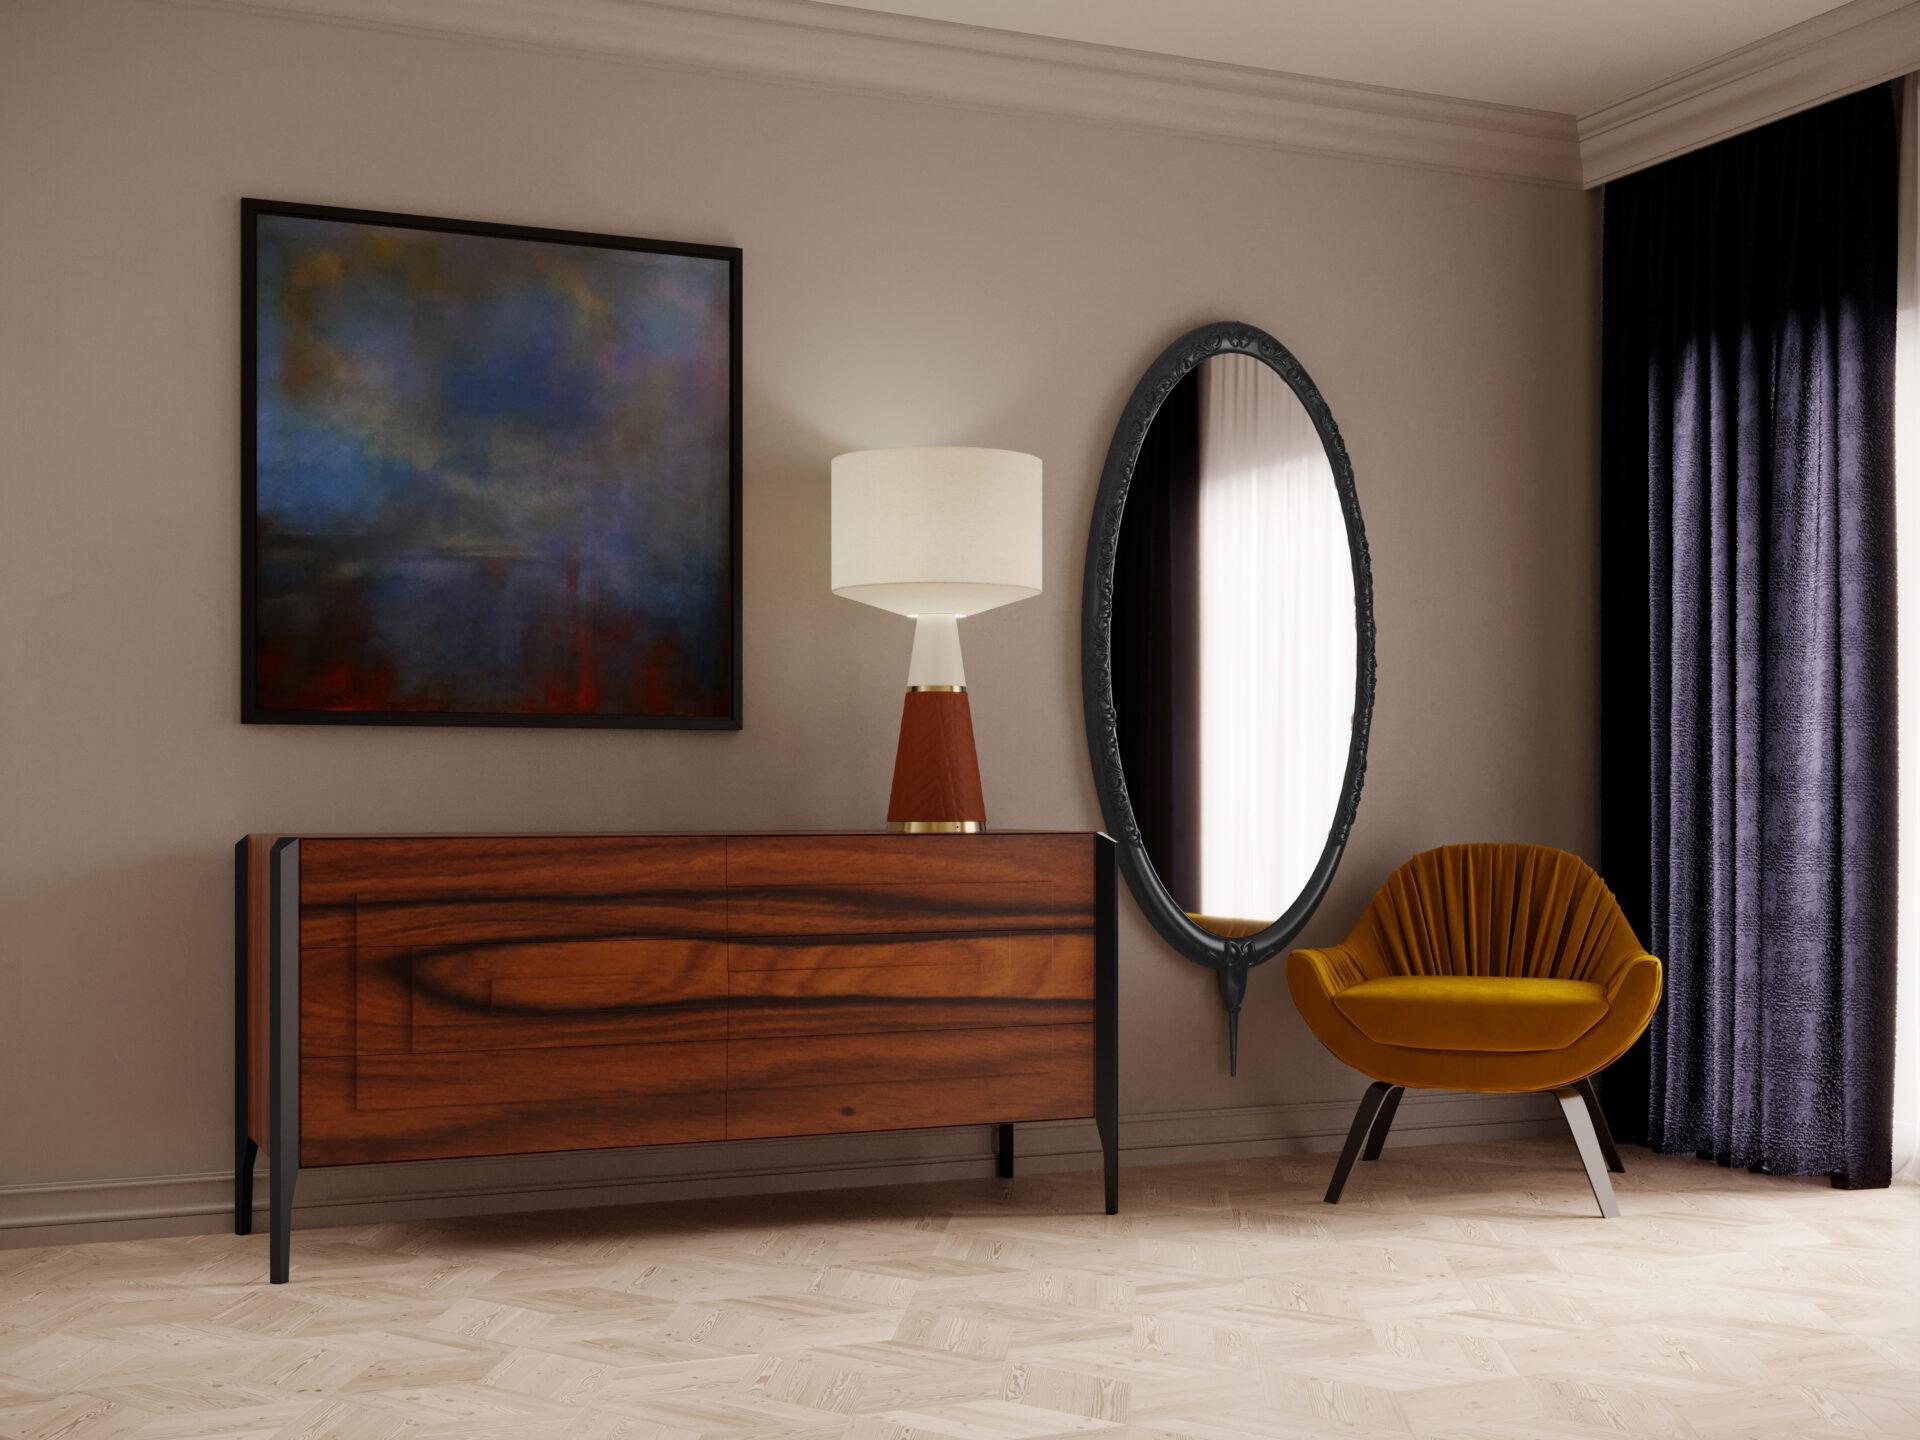 Descrição da Imagem: Espelho decorativo oval vertical com moldura trabalhada em quarto pequeno.